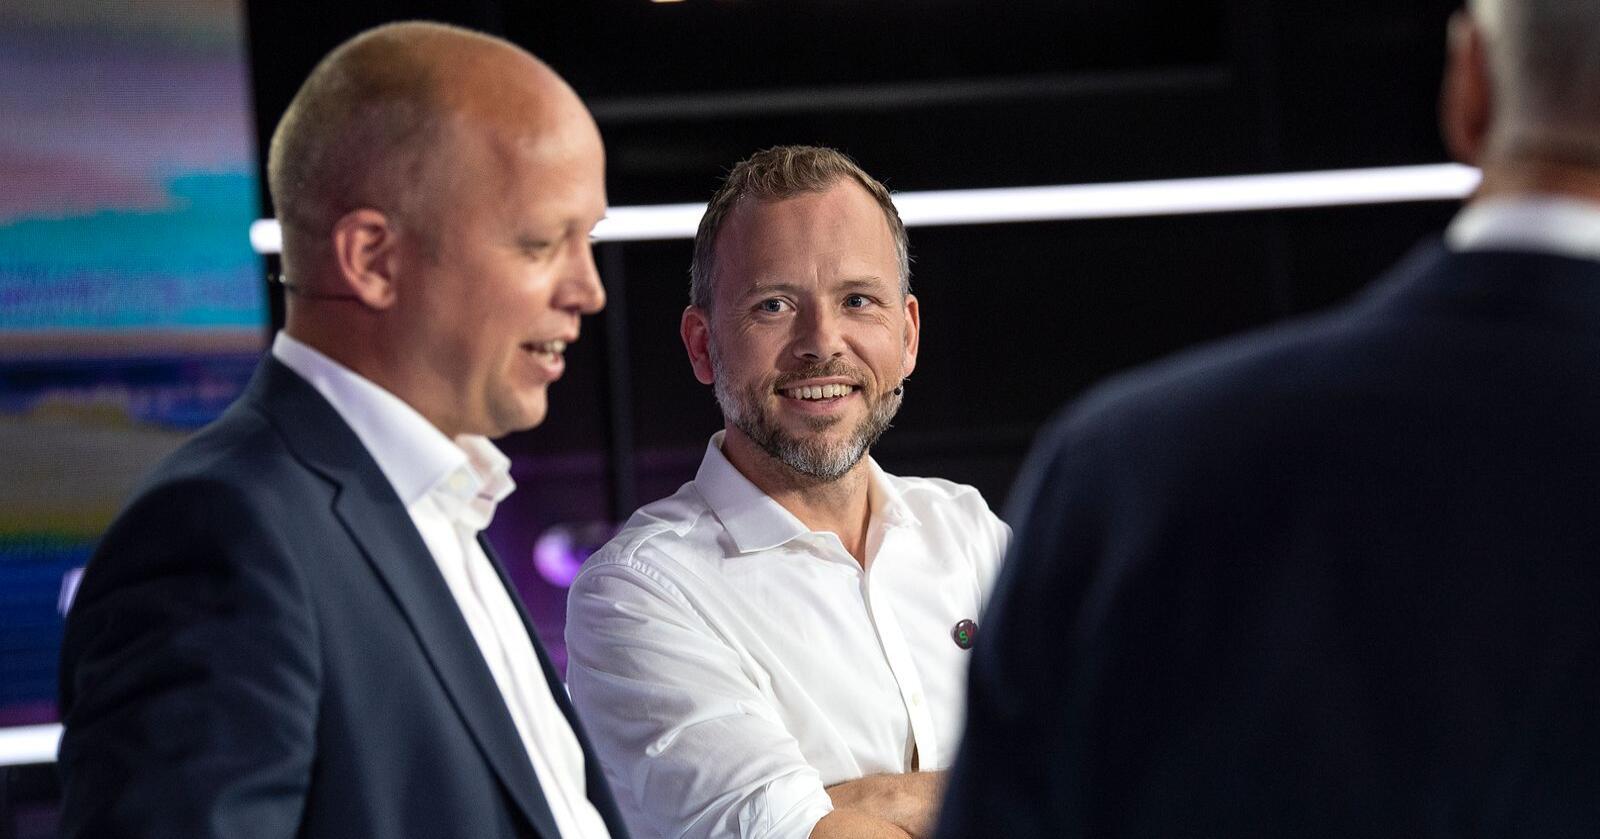 Sp-ordførere har blitt mer vennlig innstilt til Jonas Gahr Støres drømmeregjering, der også SV med Audun Lysbakken sitter ved Kongens bord. Foto: Marit Hommedal / NTB